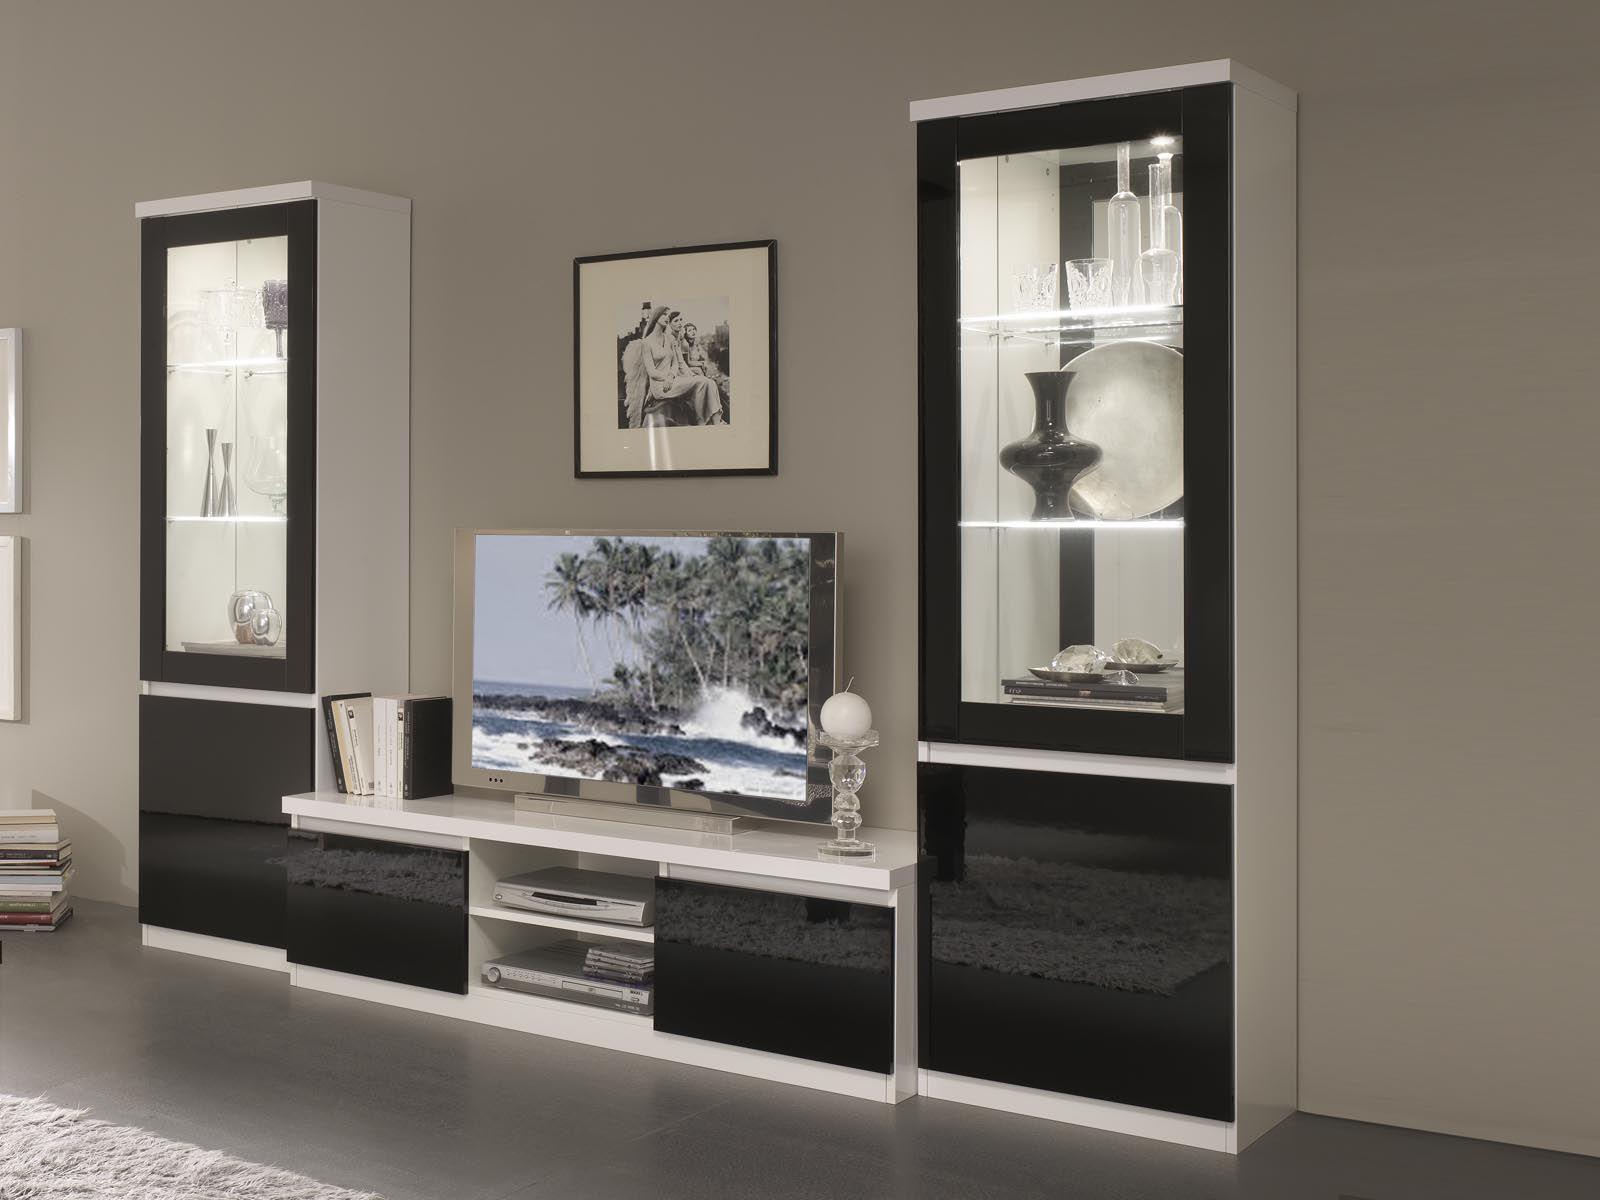 Tv Meubel Set Romeo Hoogglans Wit Zwart In 2020 Meubels Tv Meubel Interieur